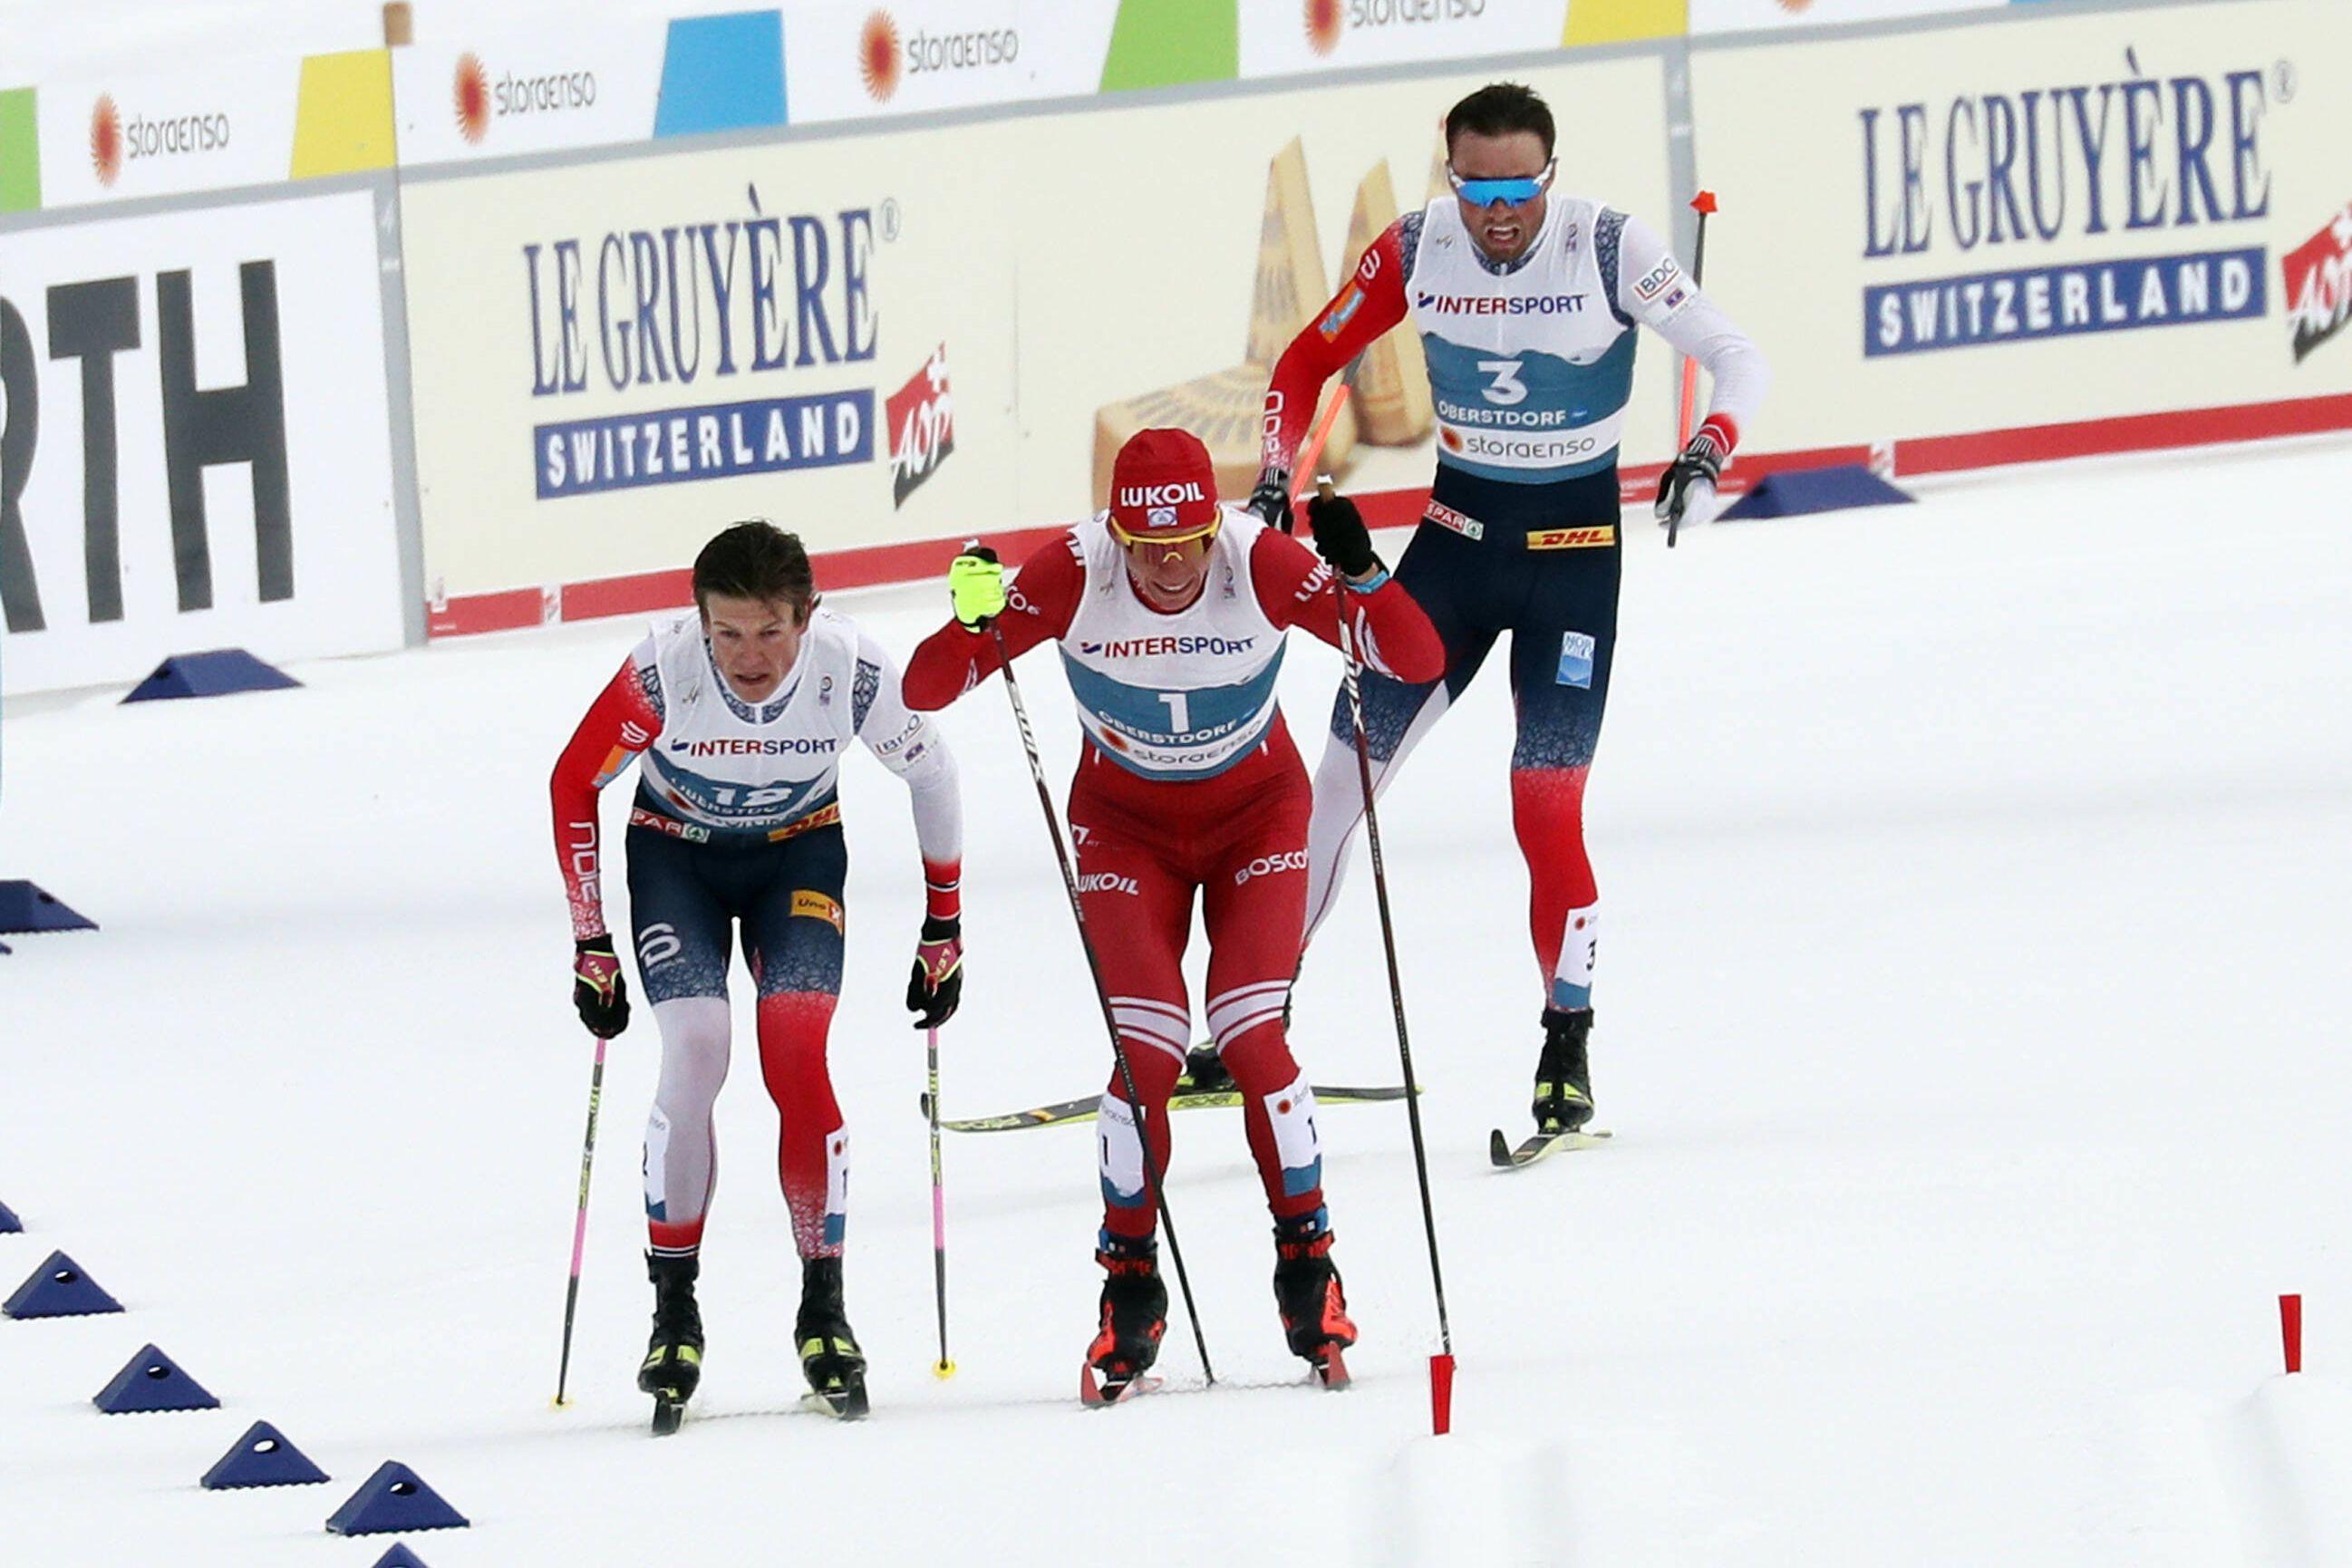 Тренер сборной Норвегии по лыжным гонкам: 'Большунов стремился помешать Клебо, а не выбрать лыжню'